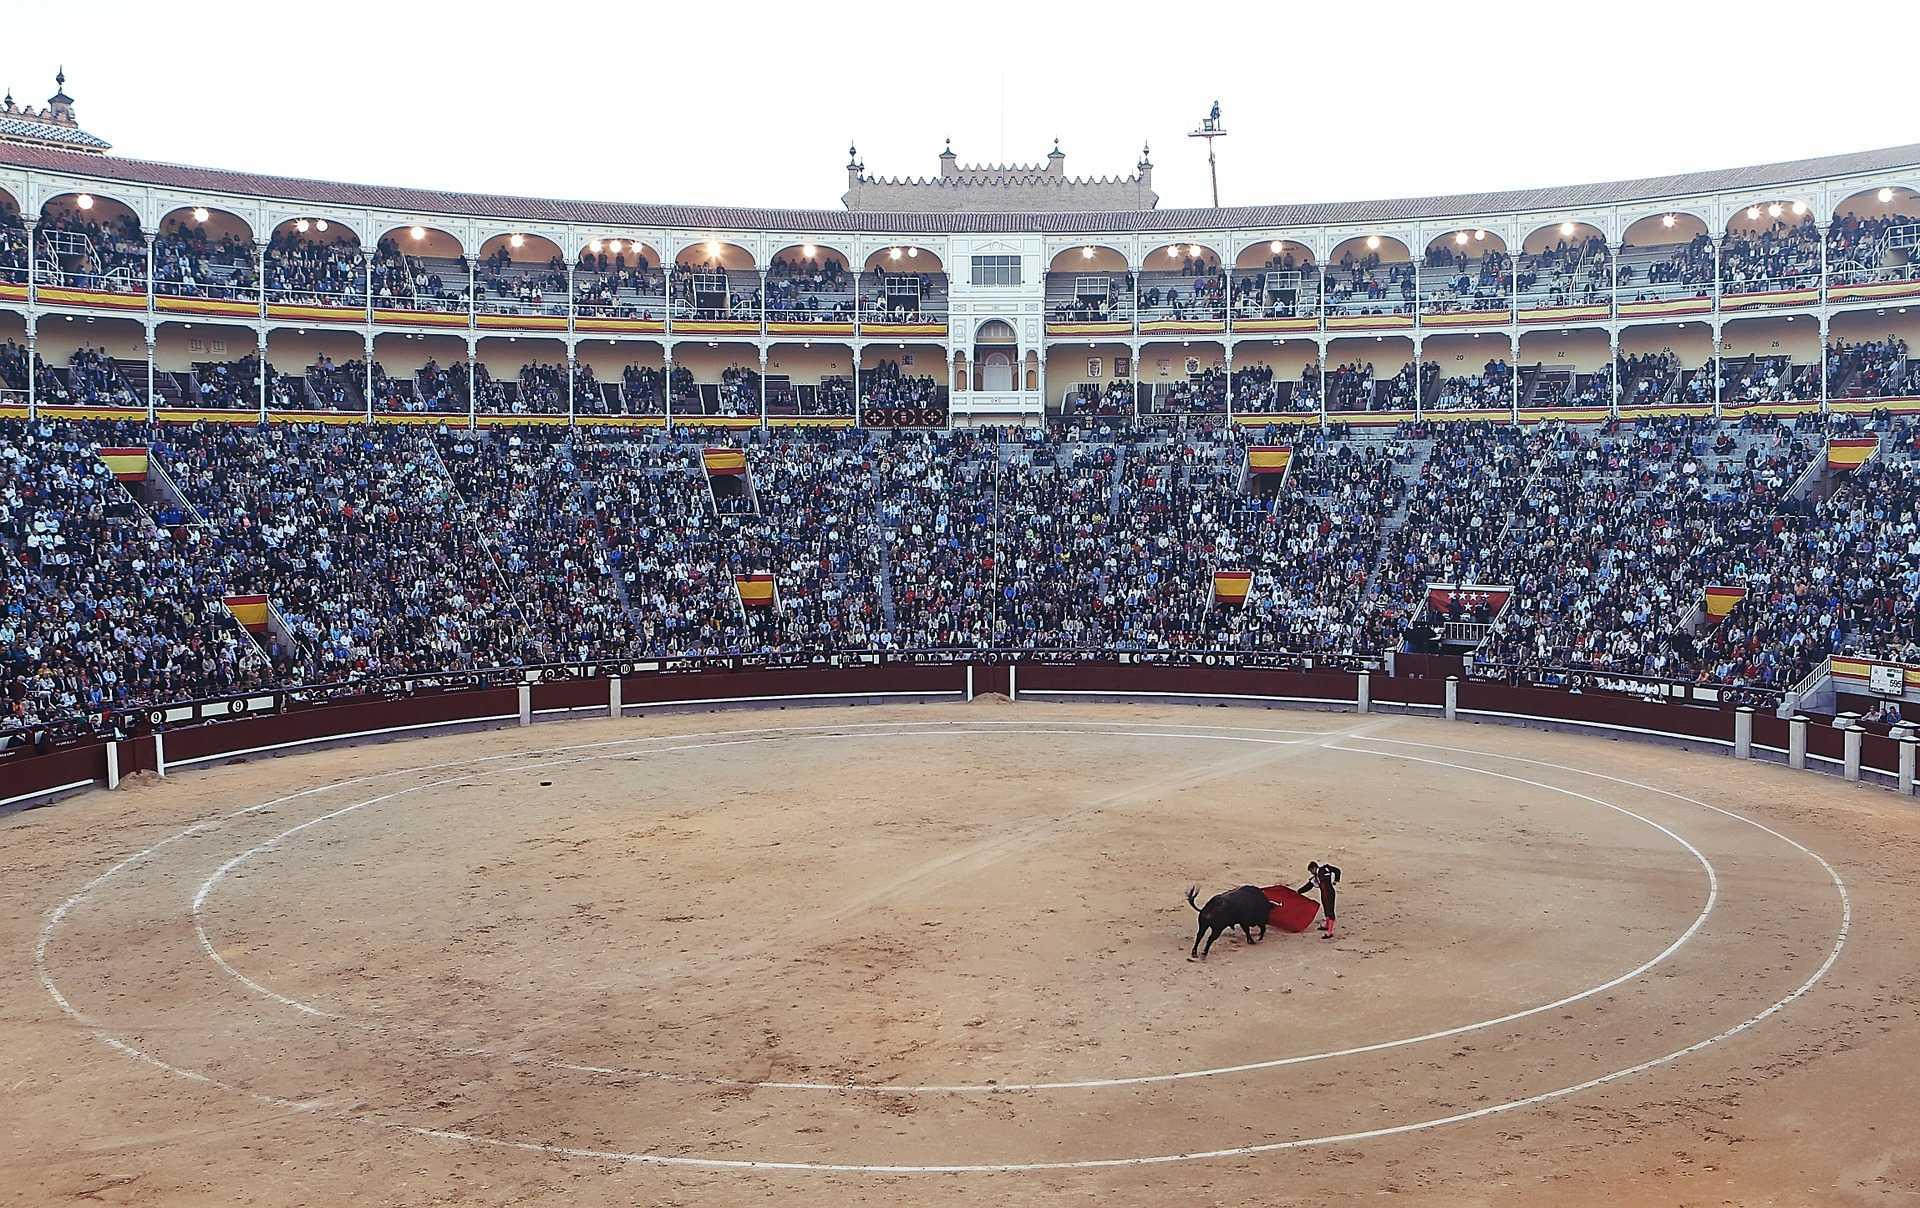 Главное отличие от испанской корриды - быка не убивают в конце действия